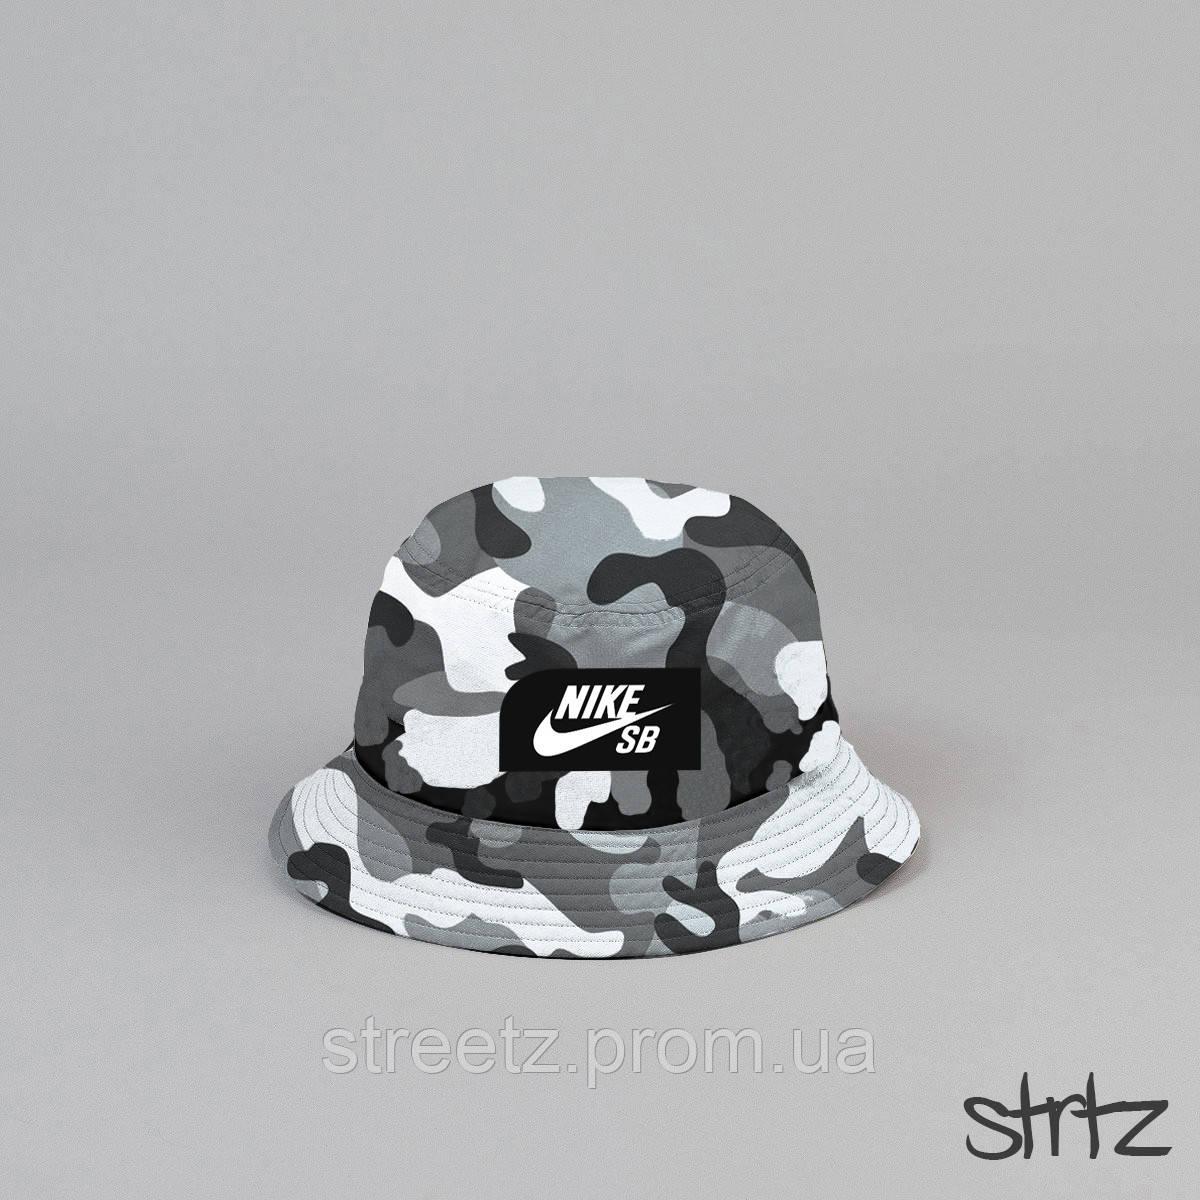 Панама Nike SB